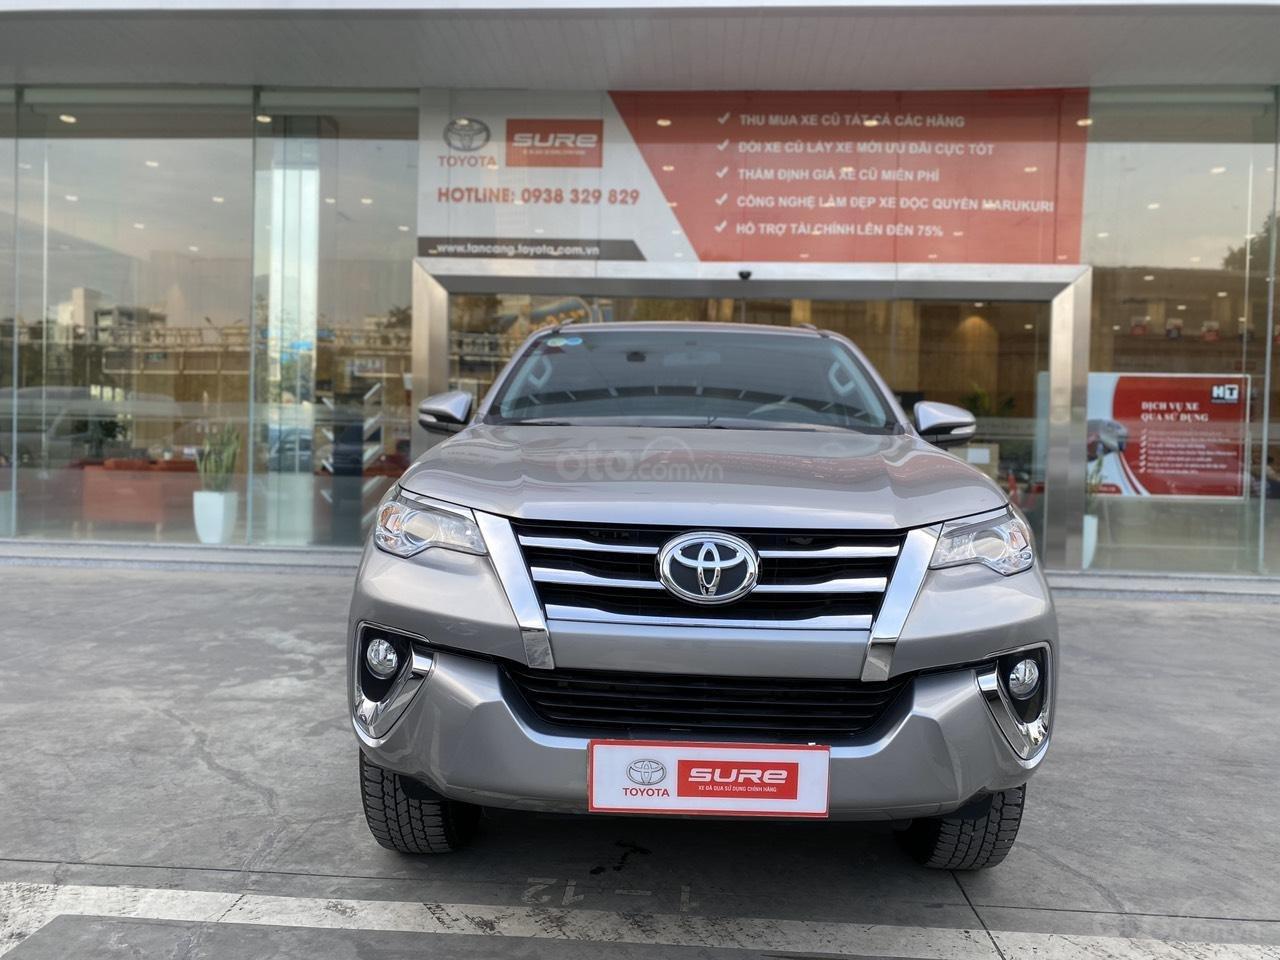 Bán Toyota Fortuner 2.7V 4x2 AT 2017, màu bạc, nhập khẩu, đi 23.000km giá 970tr (1)